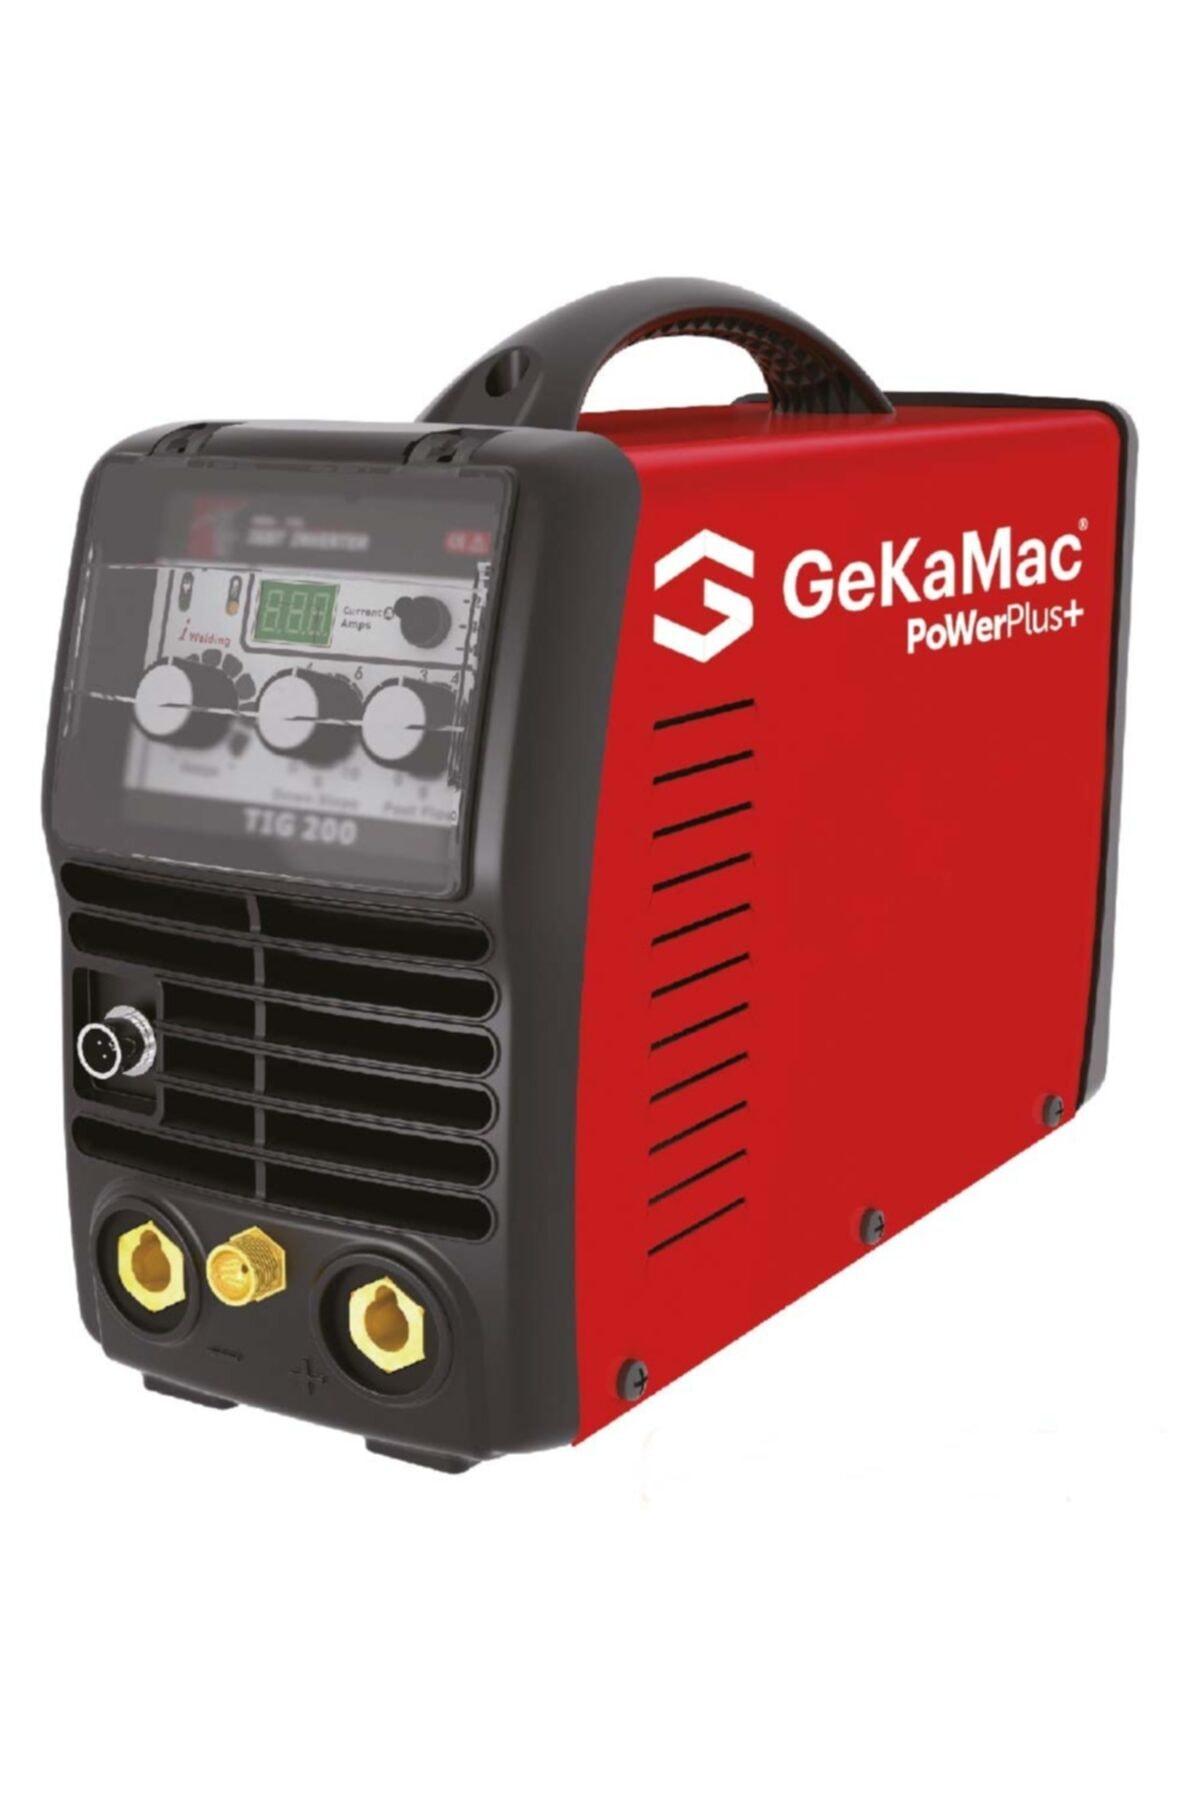 GeKaMac Power Plus Tıg 200 Dc Pfc (tıg/argon Kaynak Makinesi) Tıg Kalemi Hediyeli 1